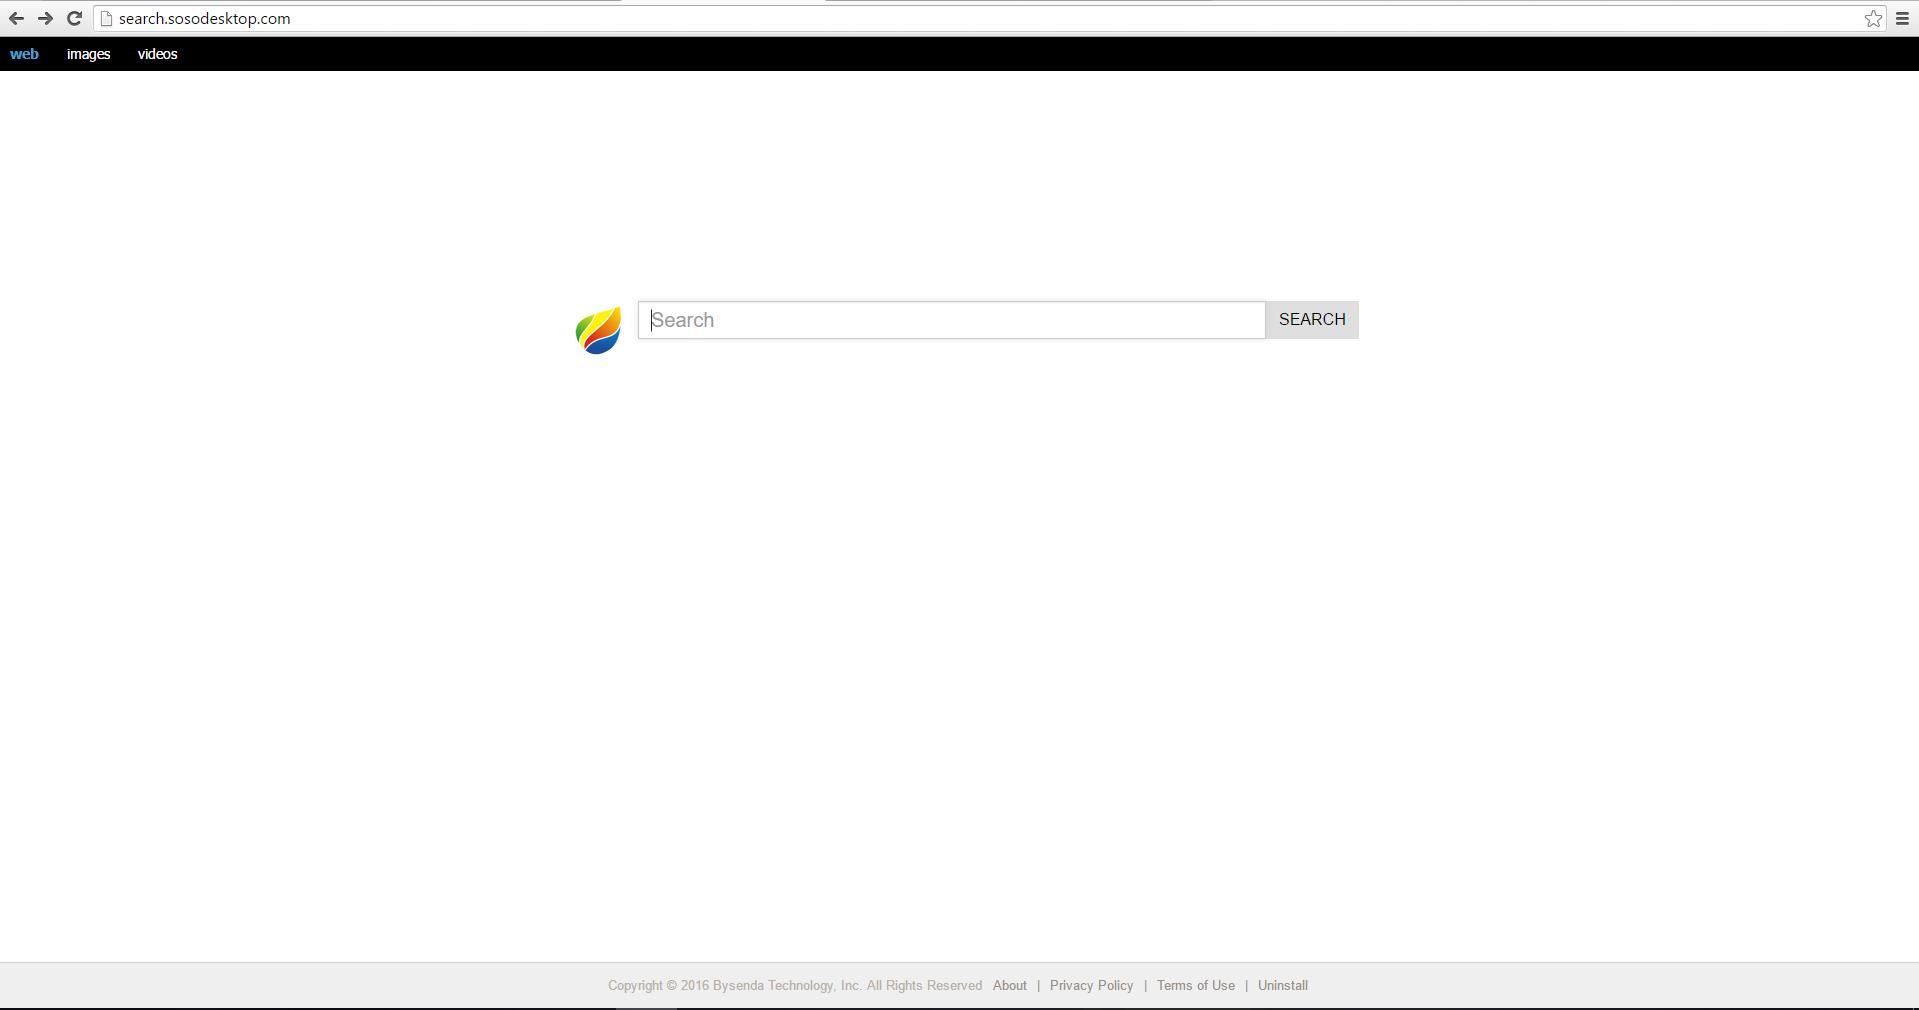 search-sosodesktop-homepage-bestseacuritesearch